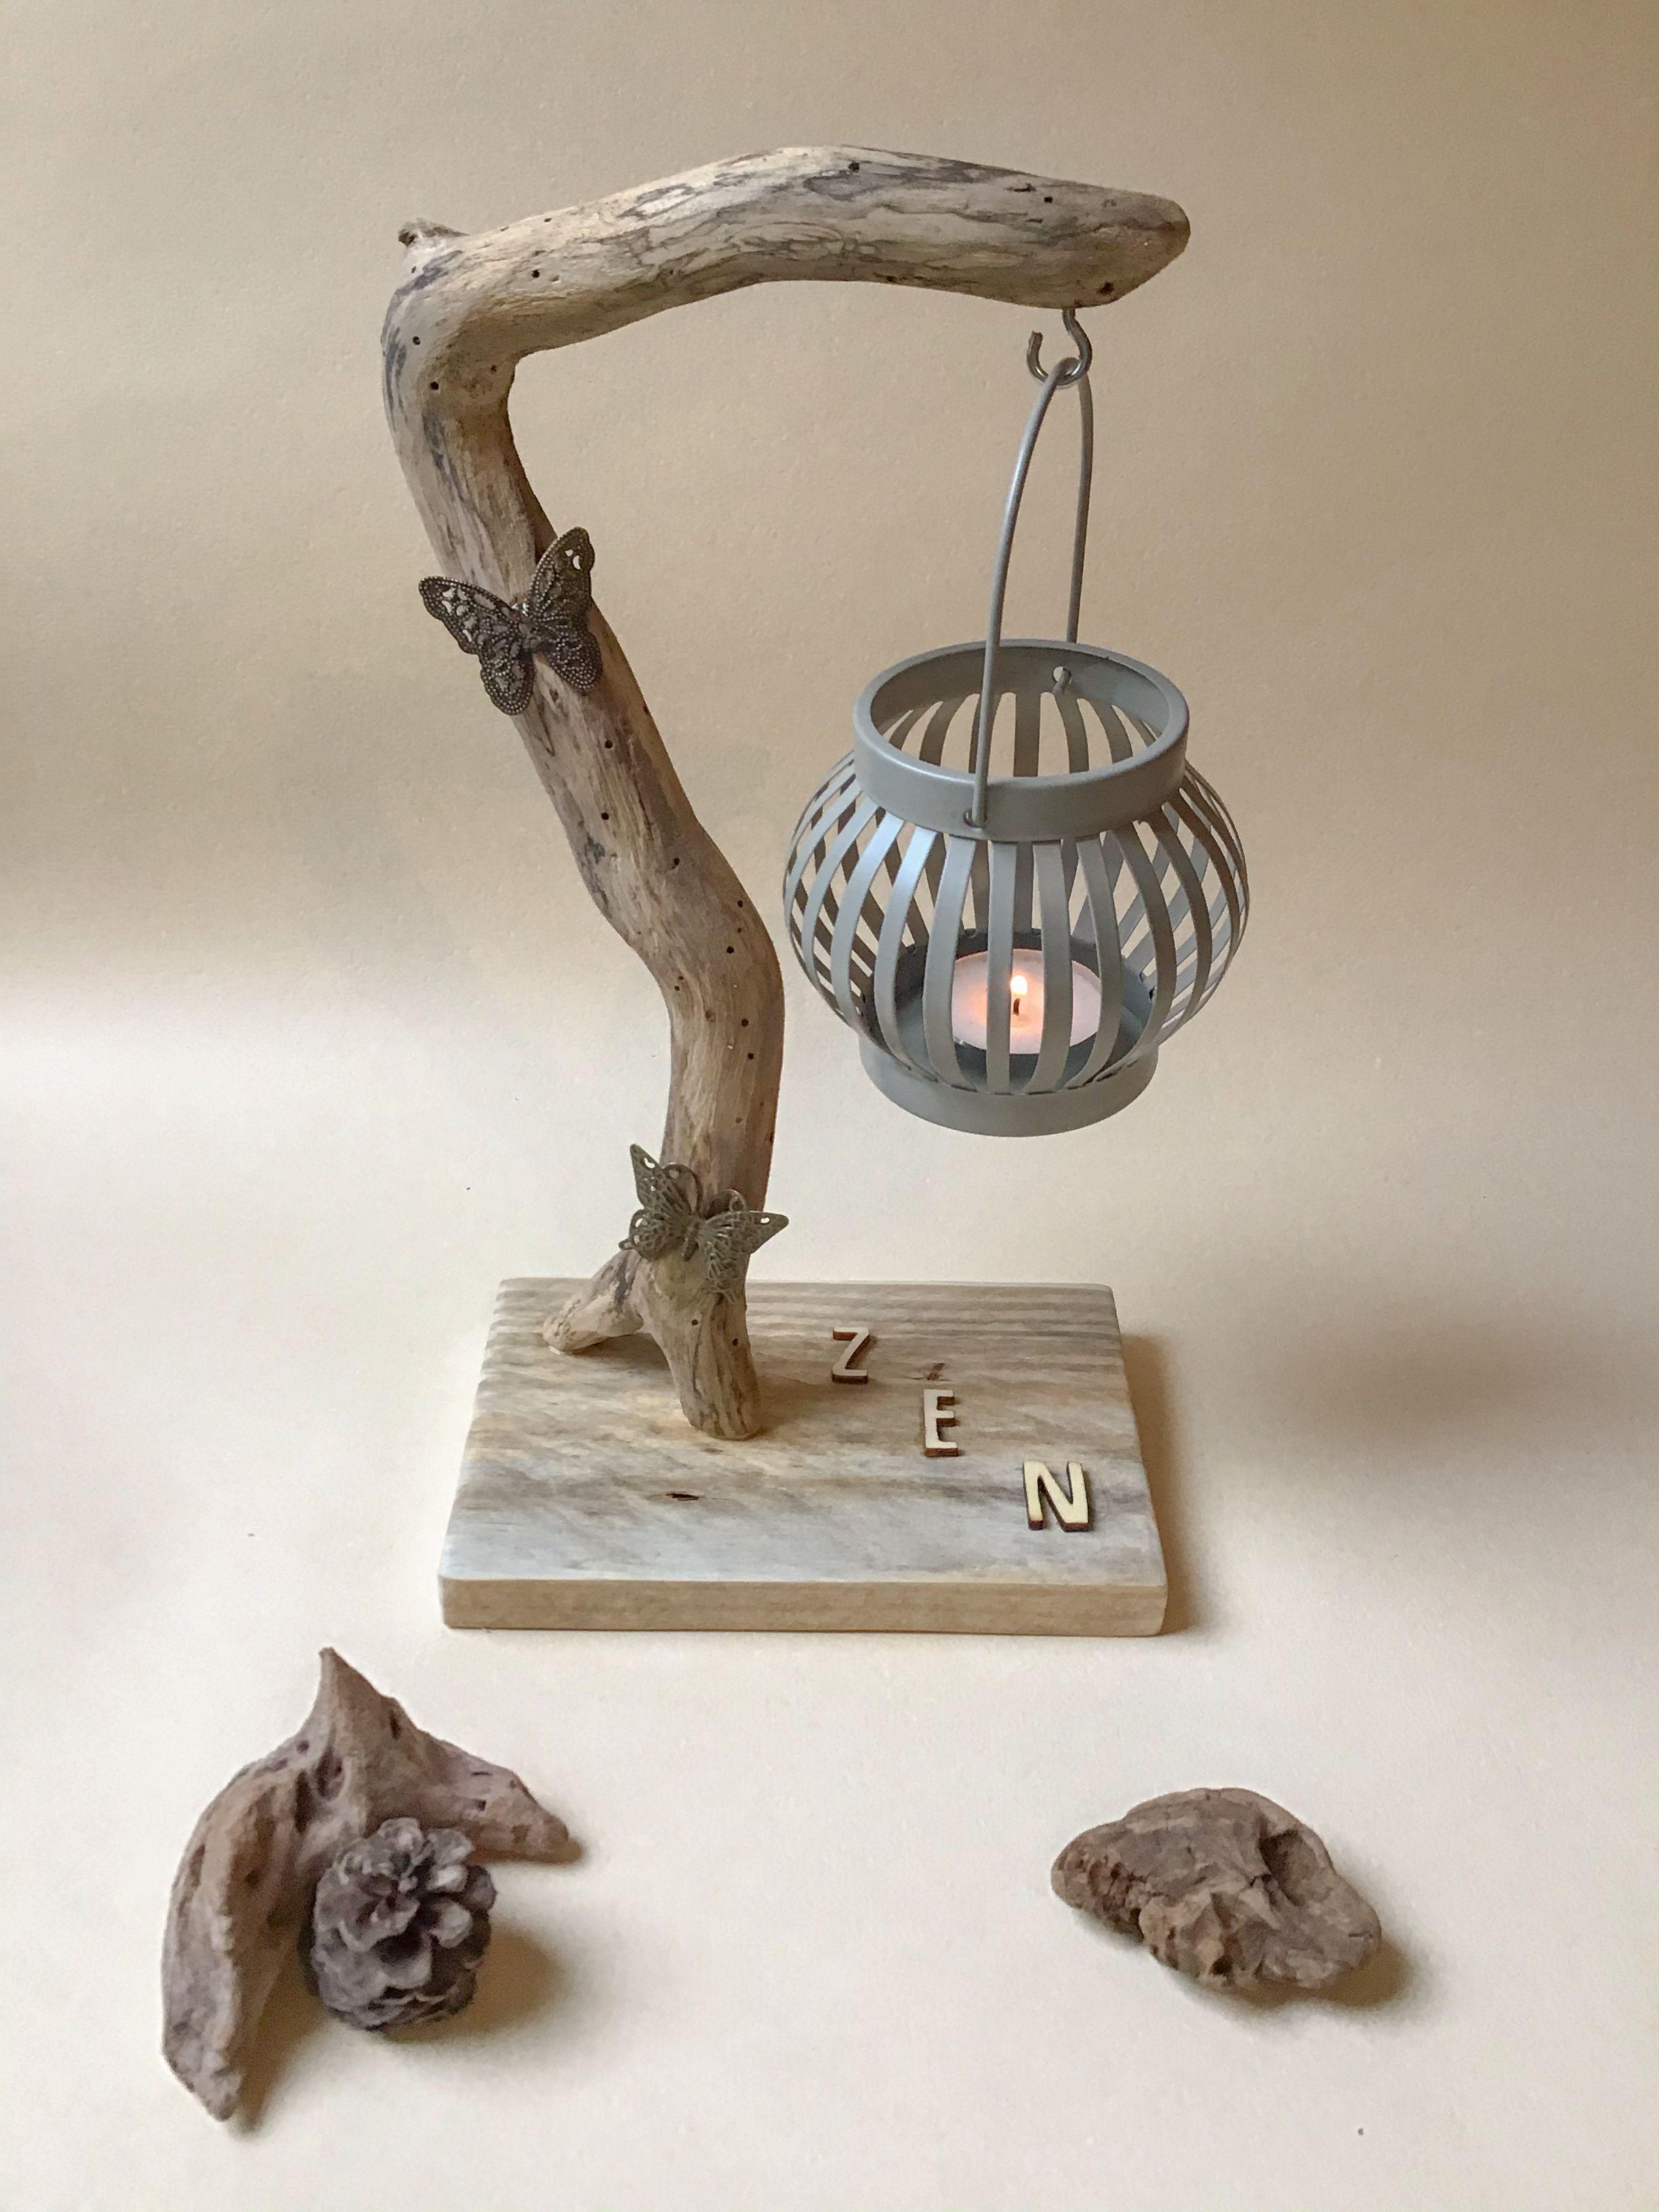 Objets déco en bois flotté et peintures abstraites | Atelier de Corinne